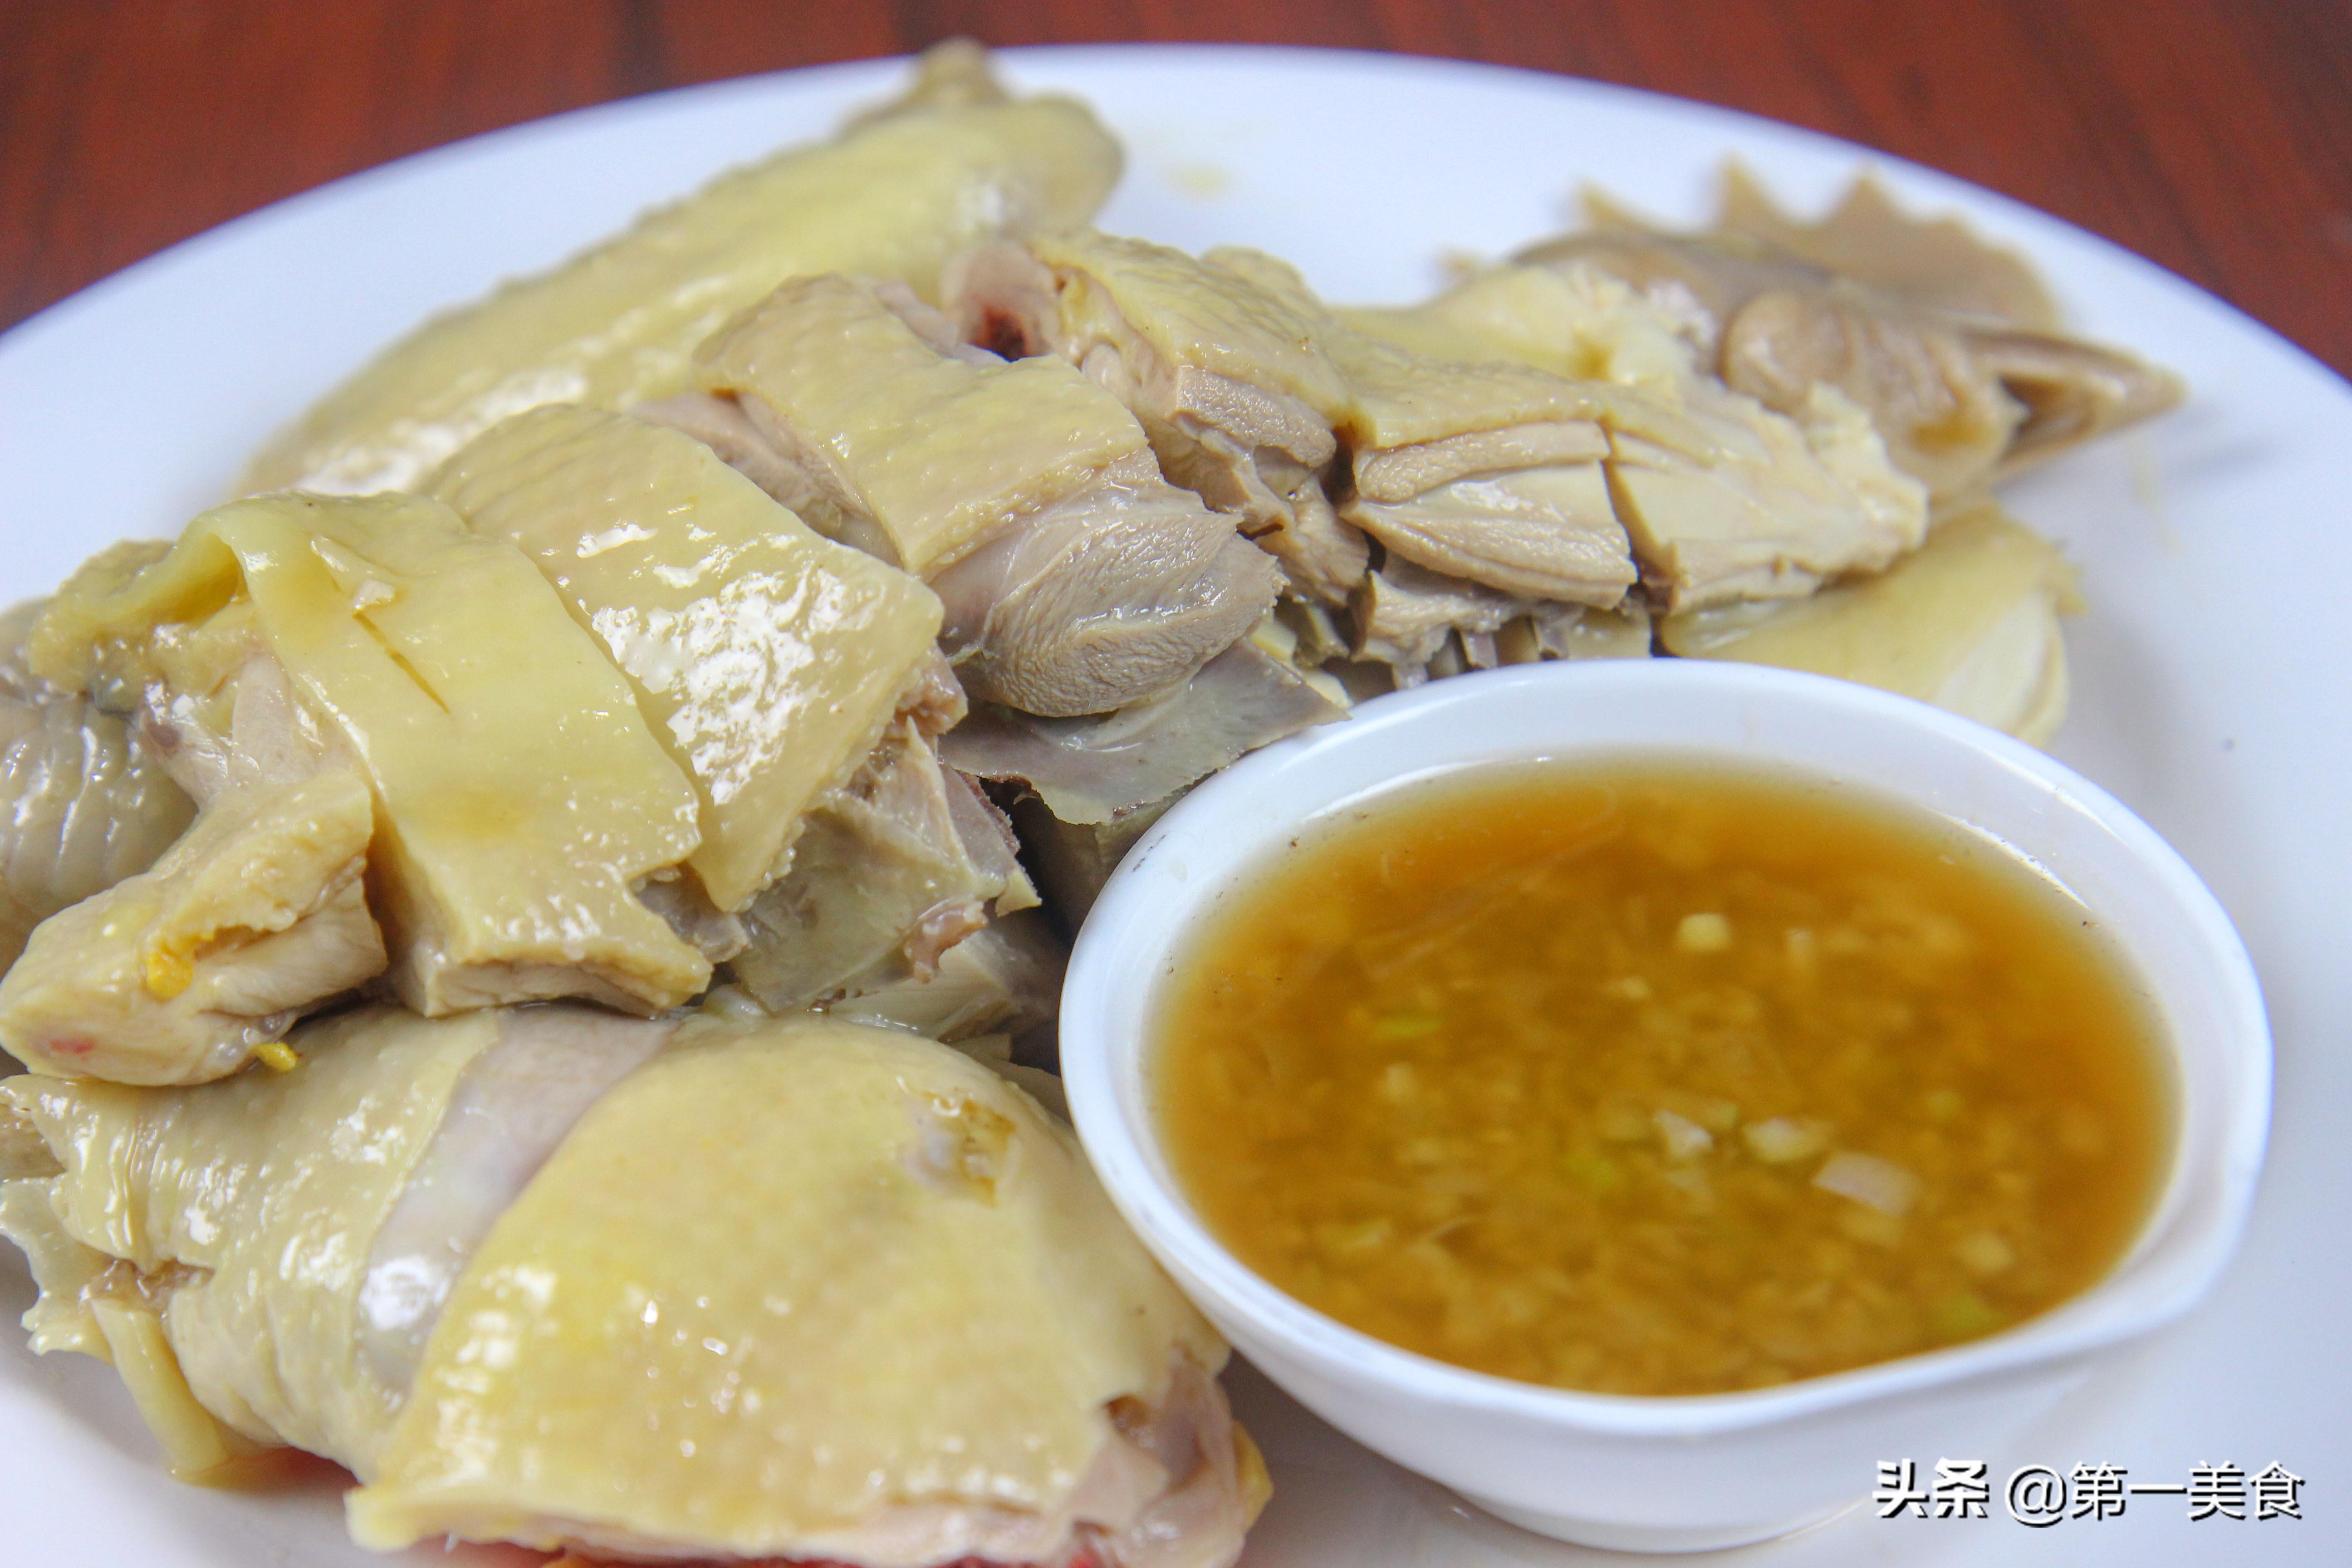 白斩鸡做法 鸡肉鲜香美味 原汁原味 看着就流口水